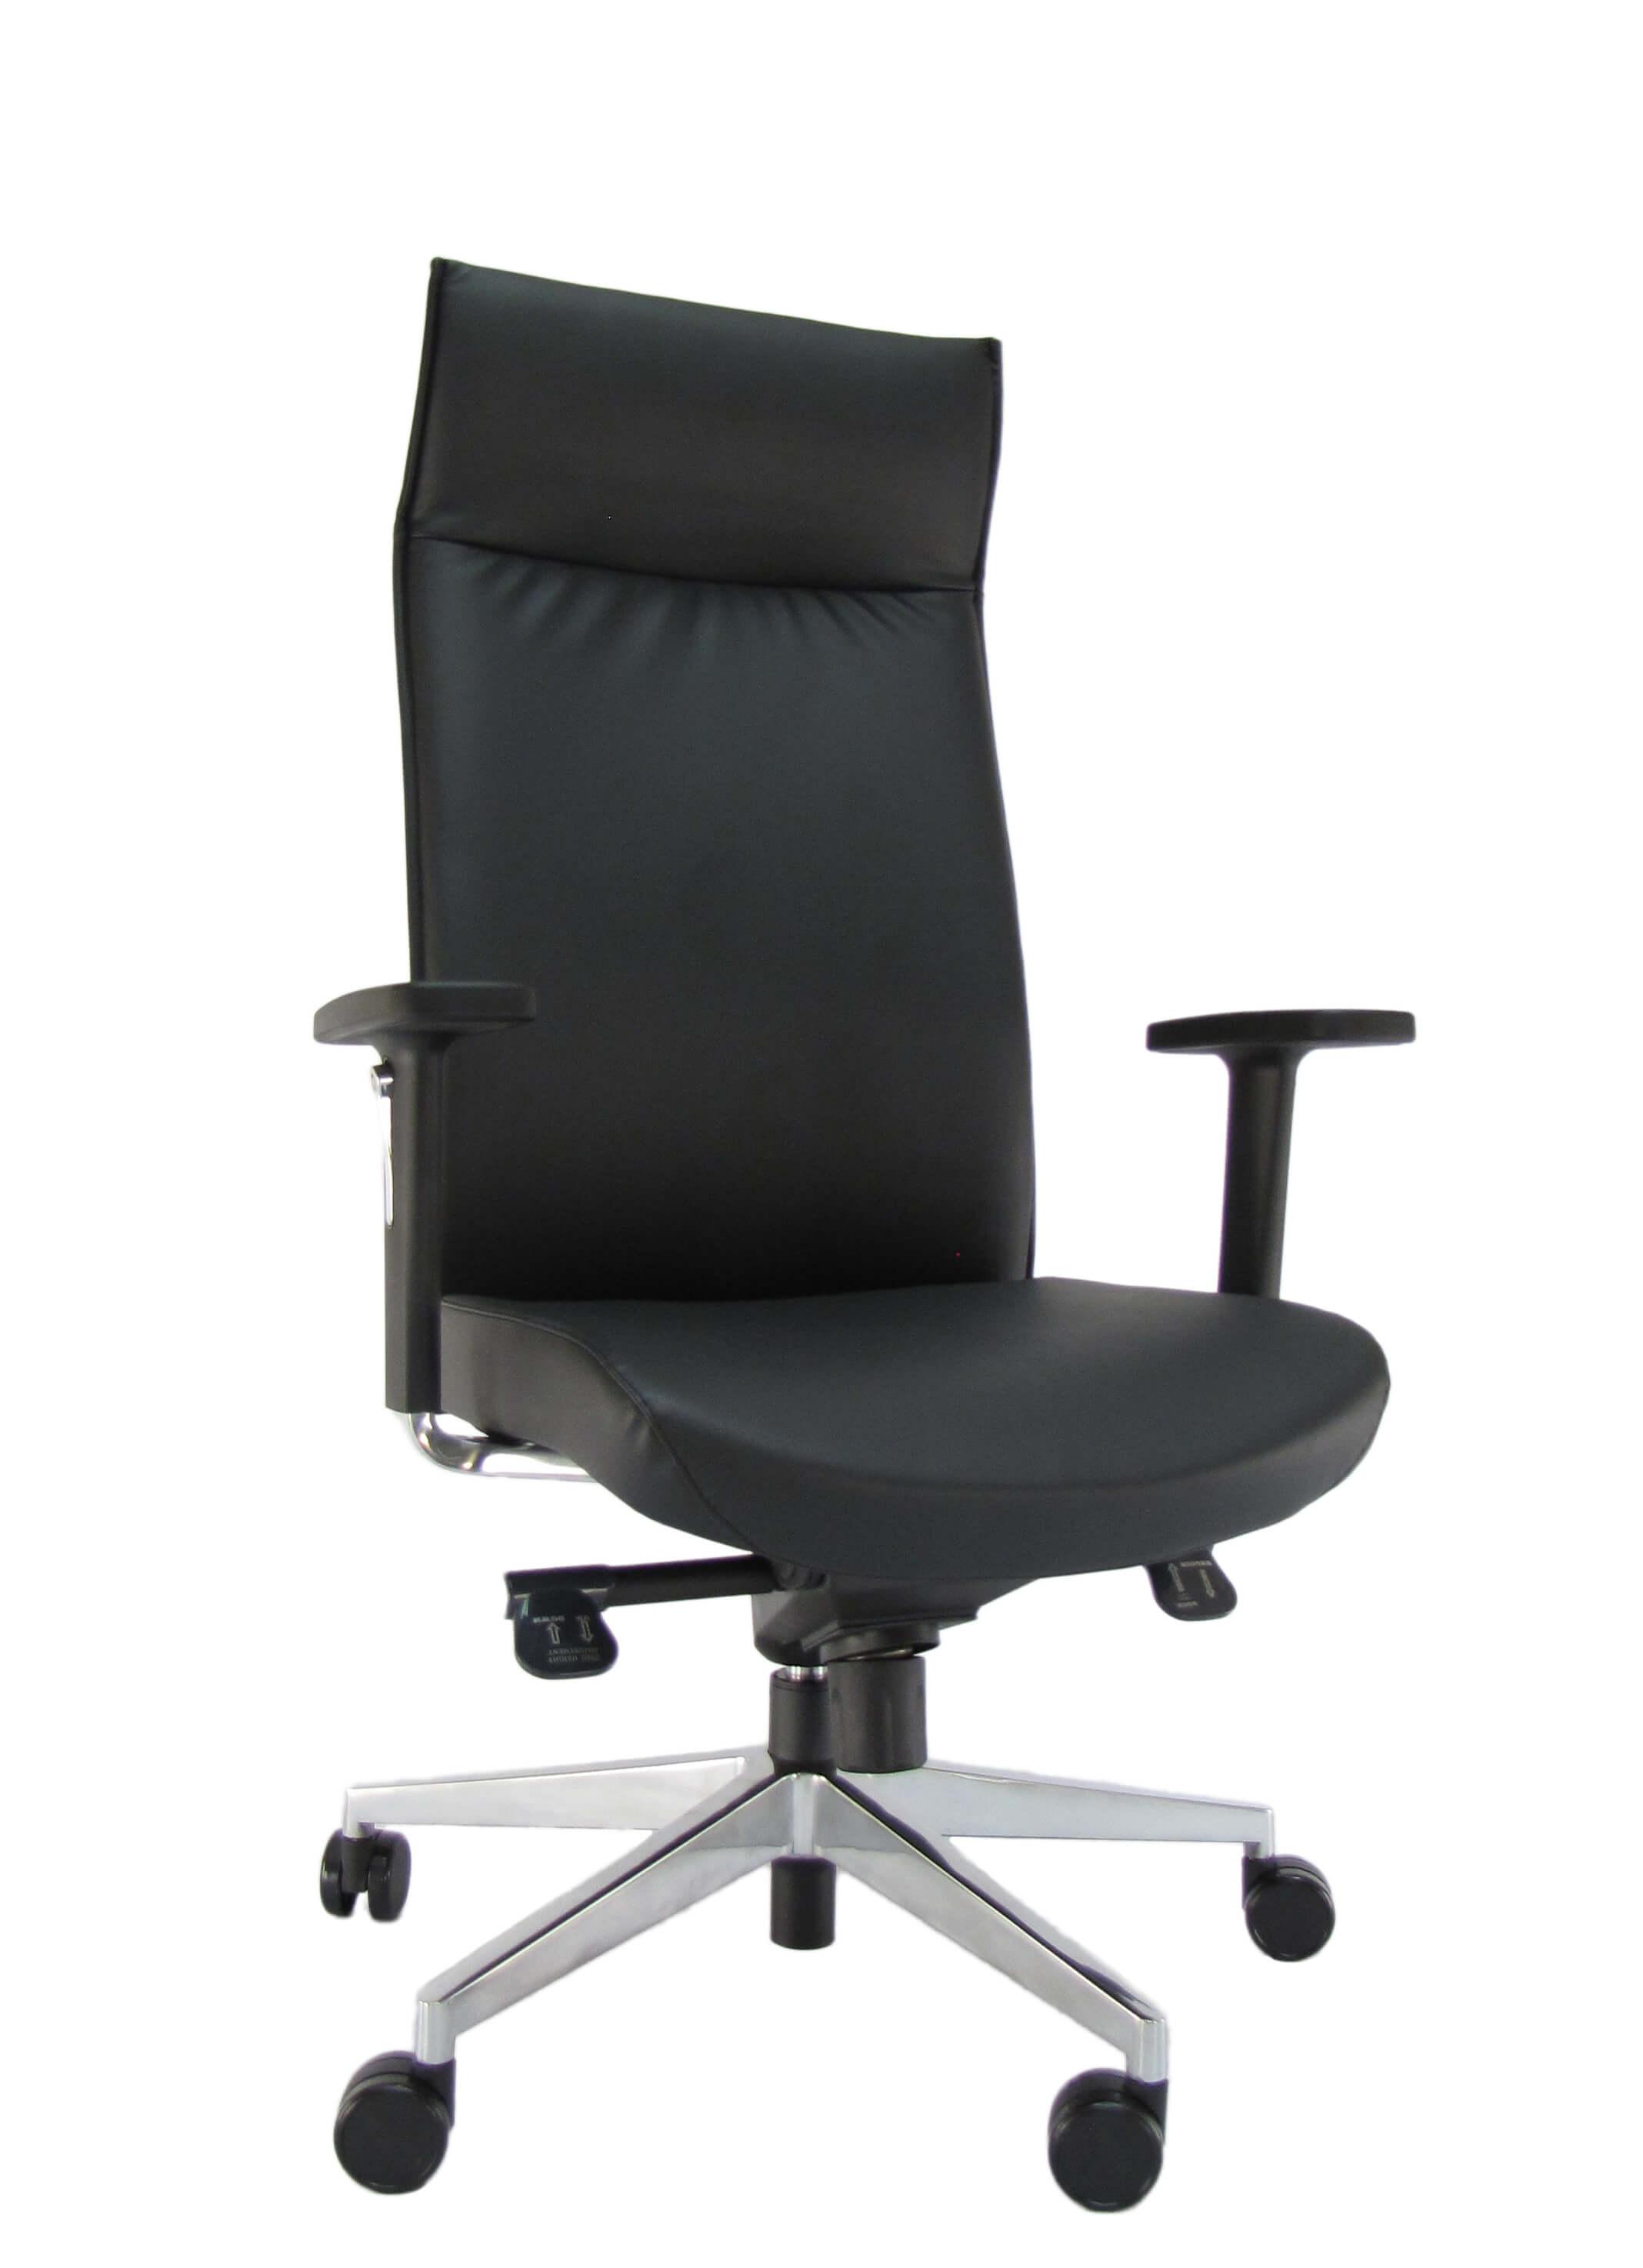 Ergonominė kėdė Opus HB su kokybiška eko oda aptrauktais atlošu bei sėdyne.